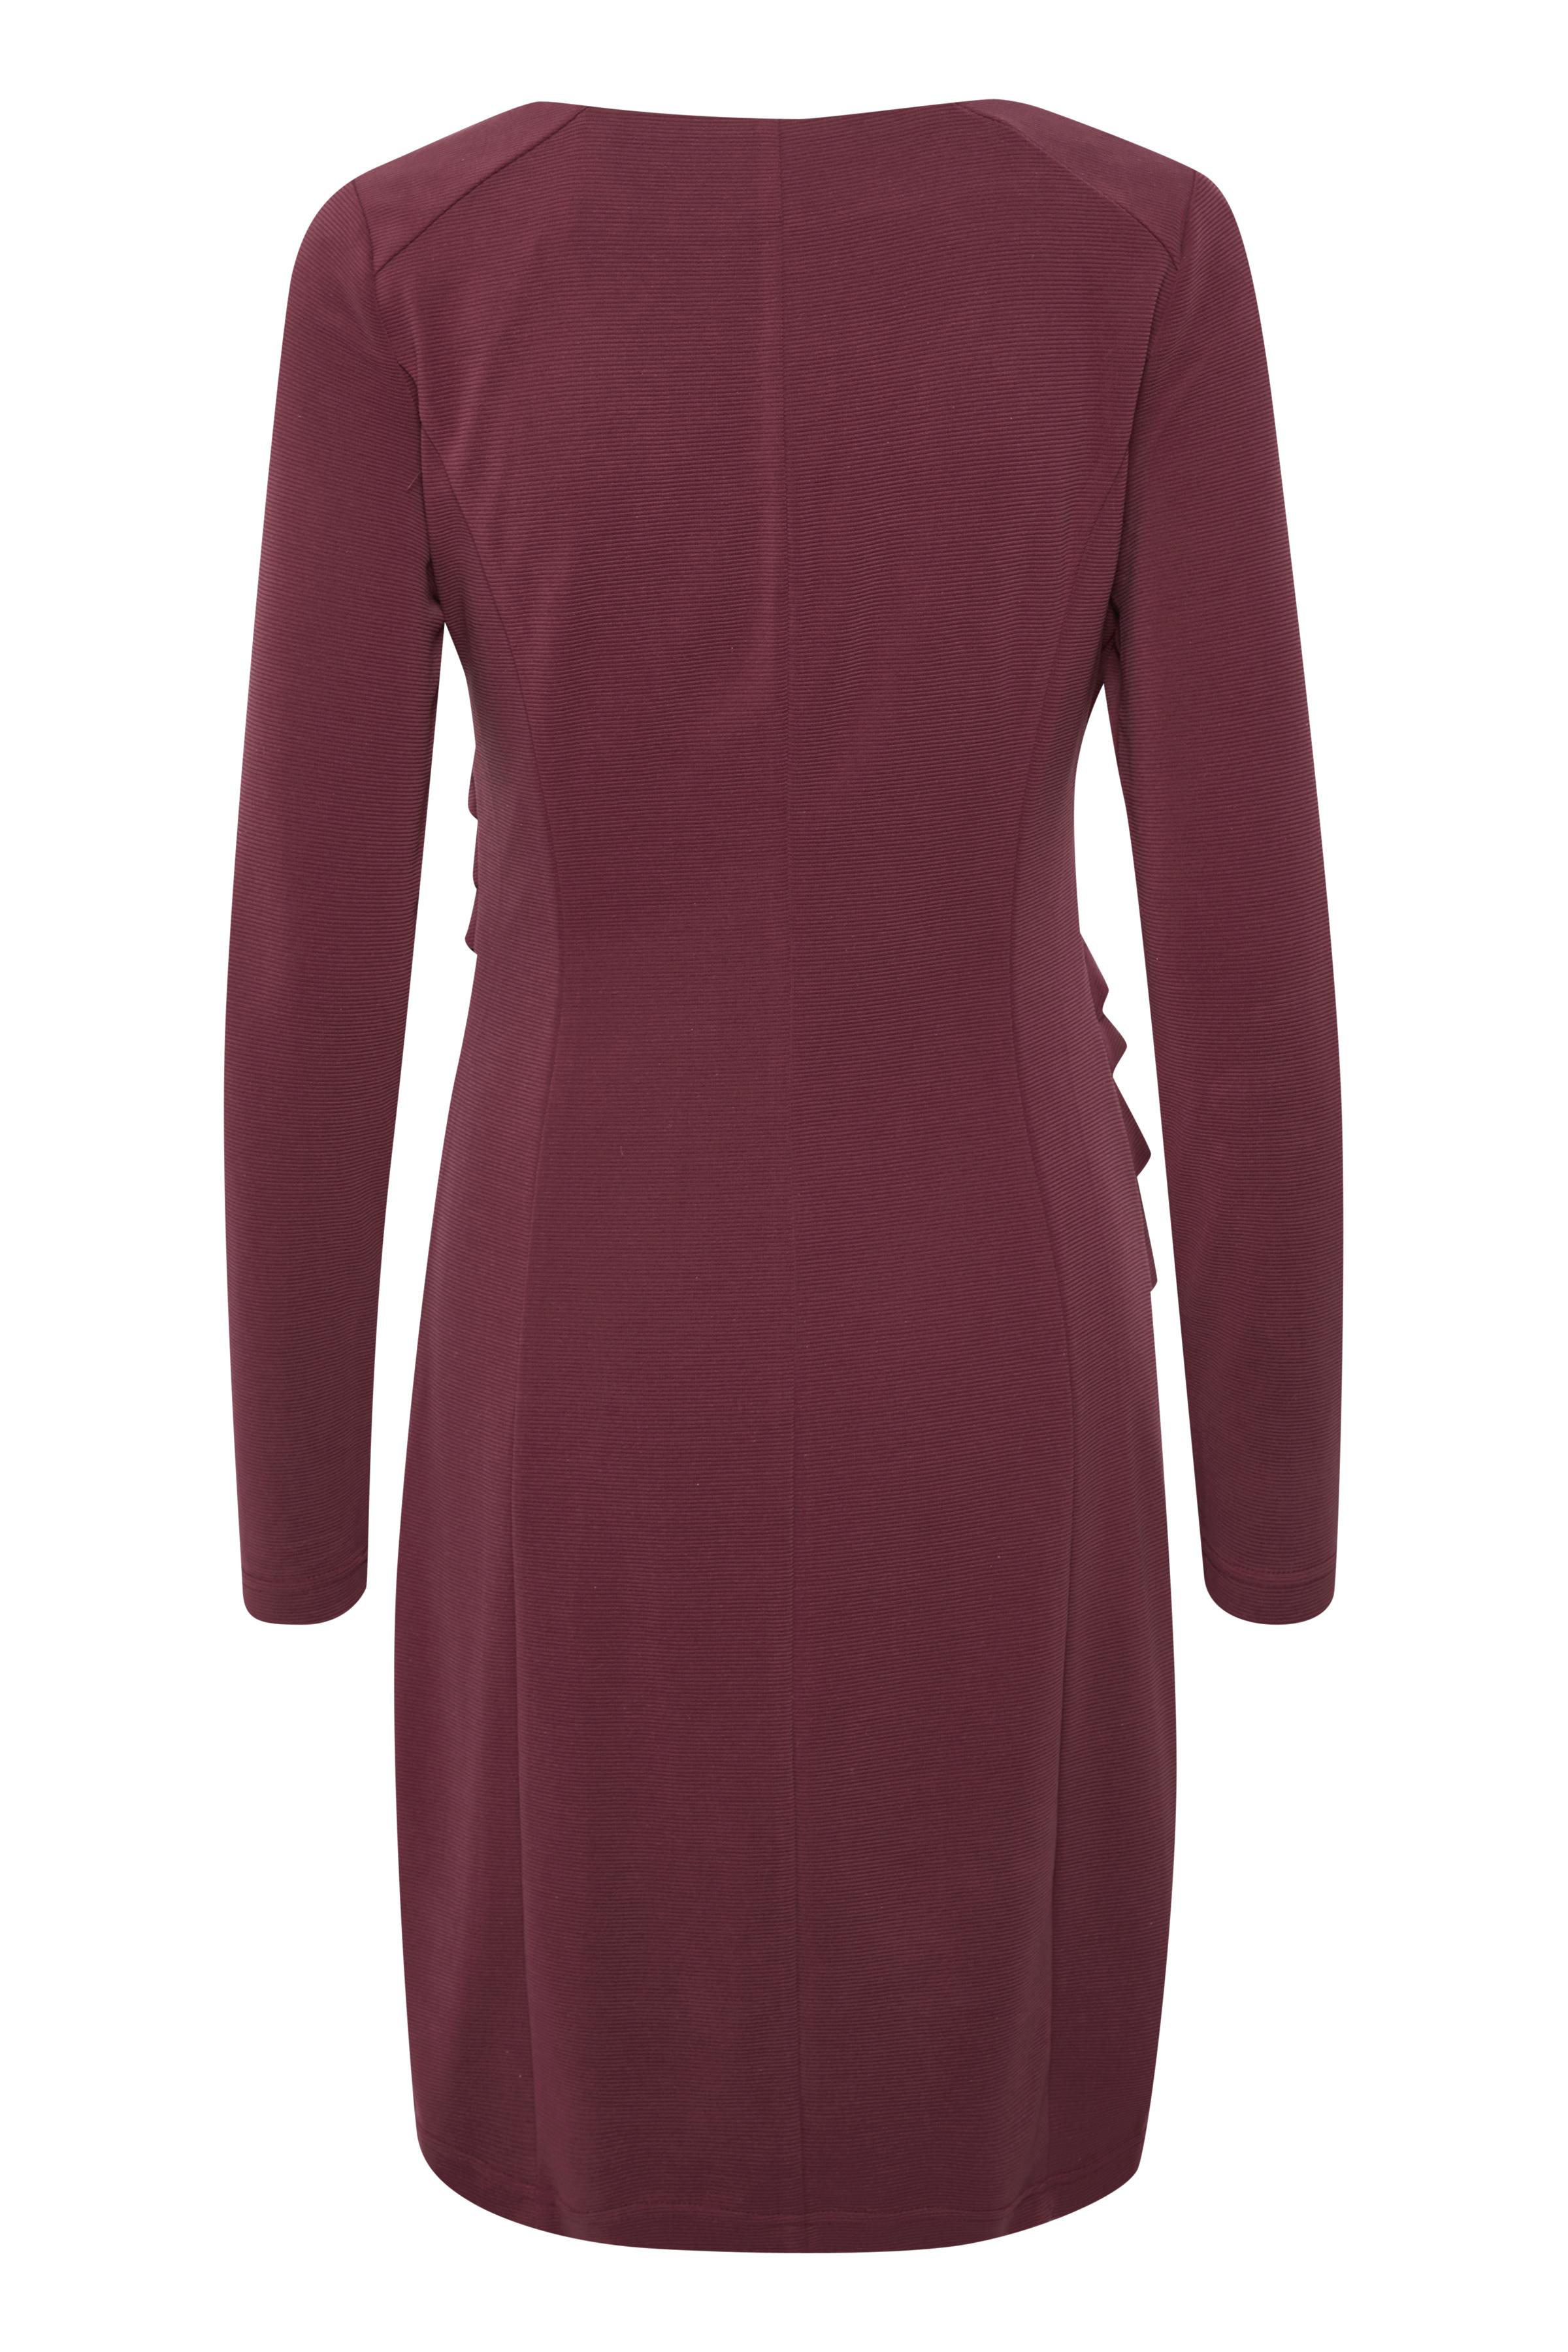 Mörk bordeaux Strickad klänning från Kaffe – Köp Mörk bordeaux Strickad klänning från stl. XS-XXL här